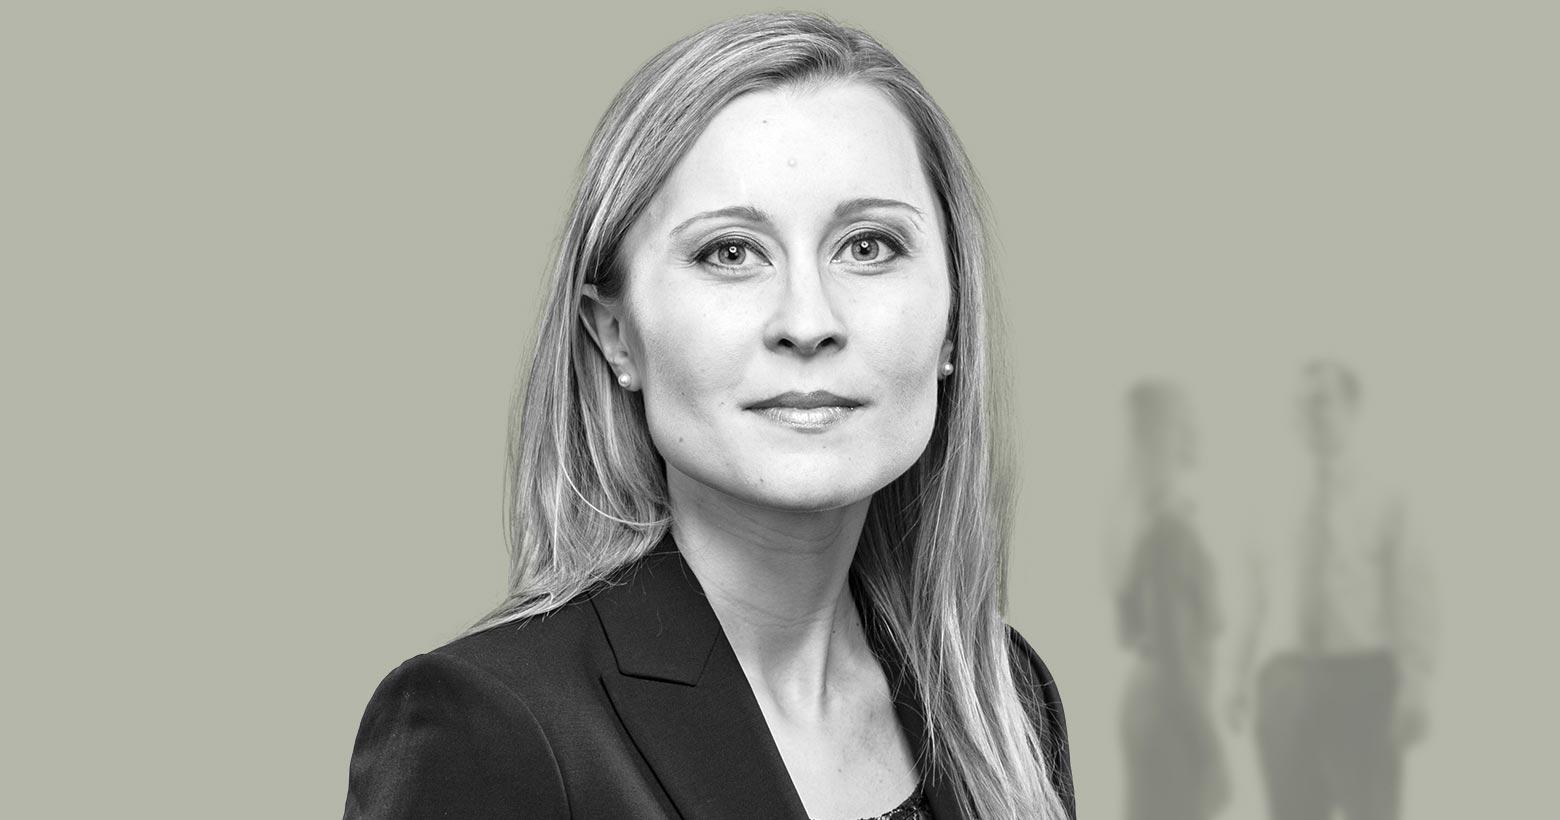 Diana C. Wielocha